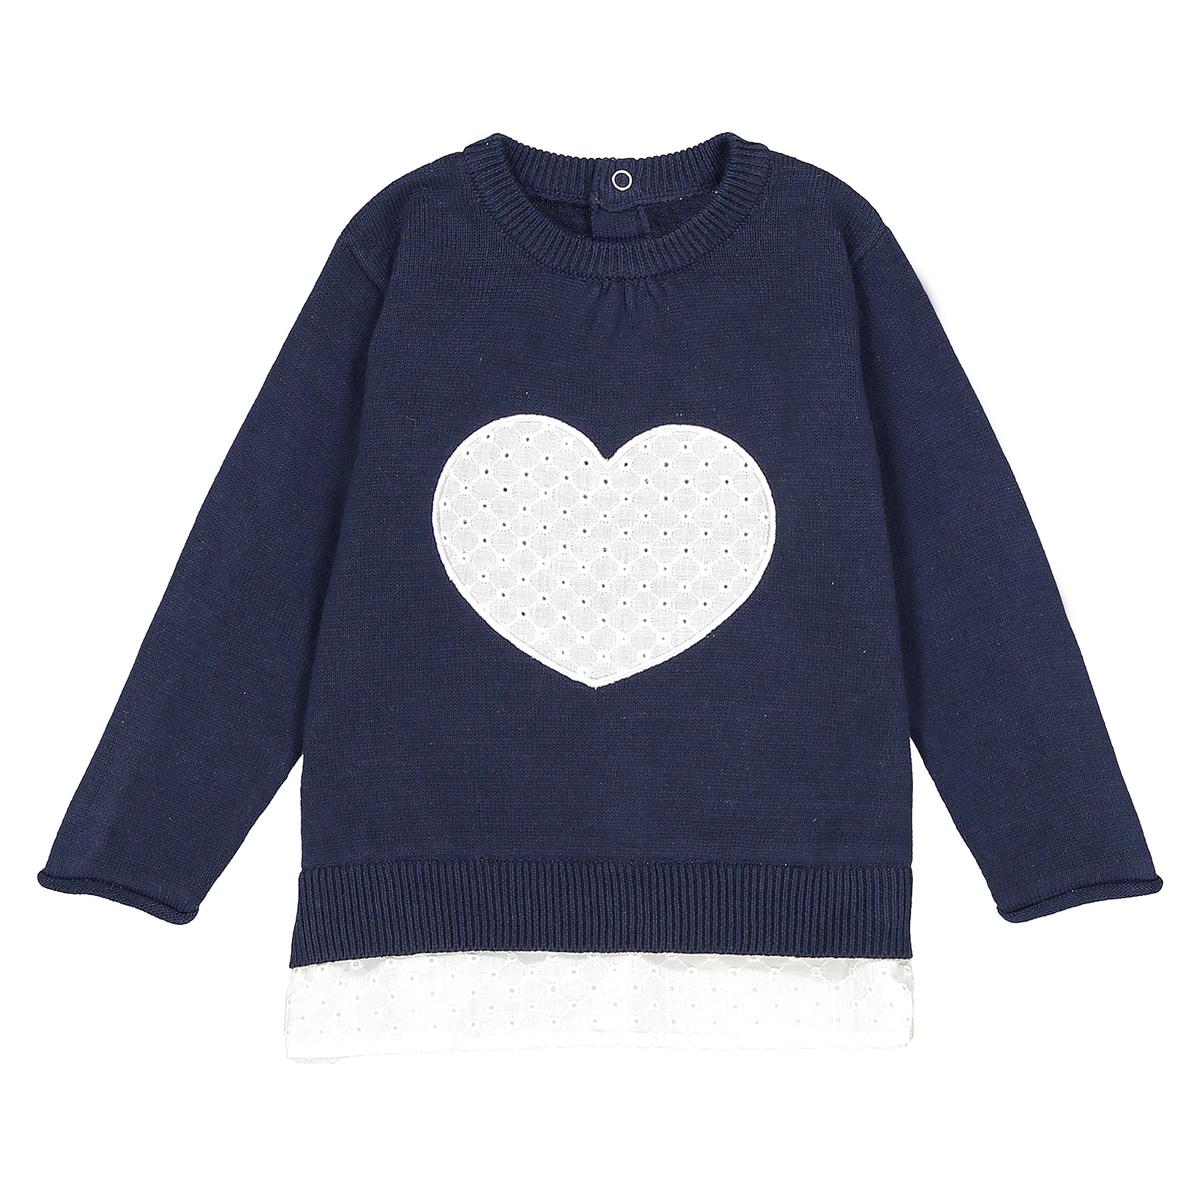 Пуловер с вышитым сердцем, 1 мес. - 3 года